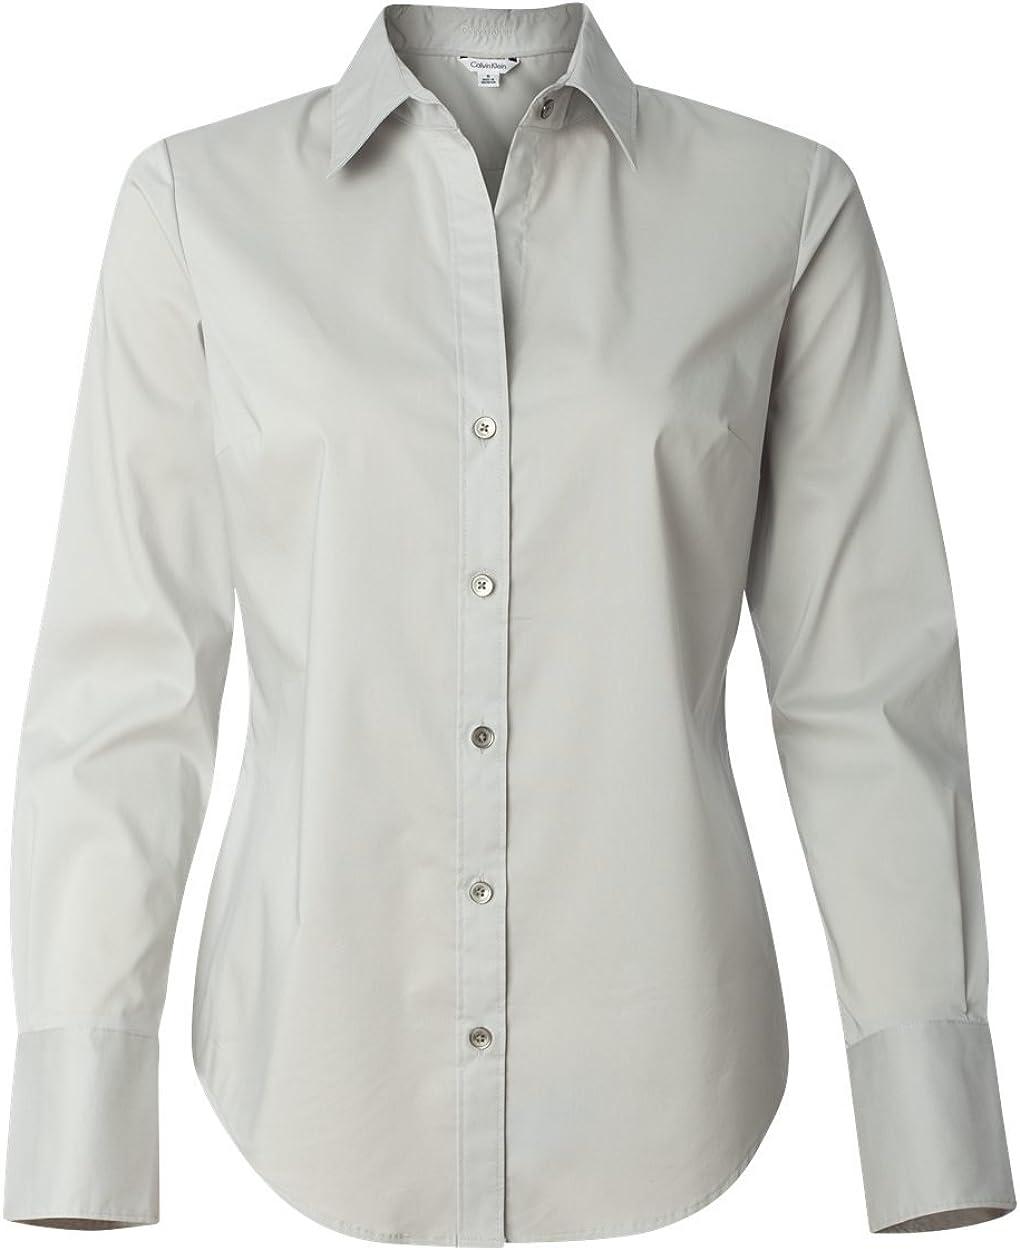 Calvin Klein womens 13ck018 Daily bargain sale Discount is also underway